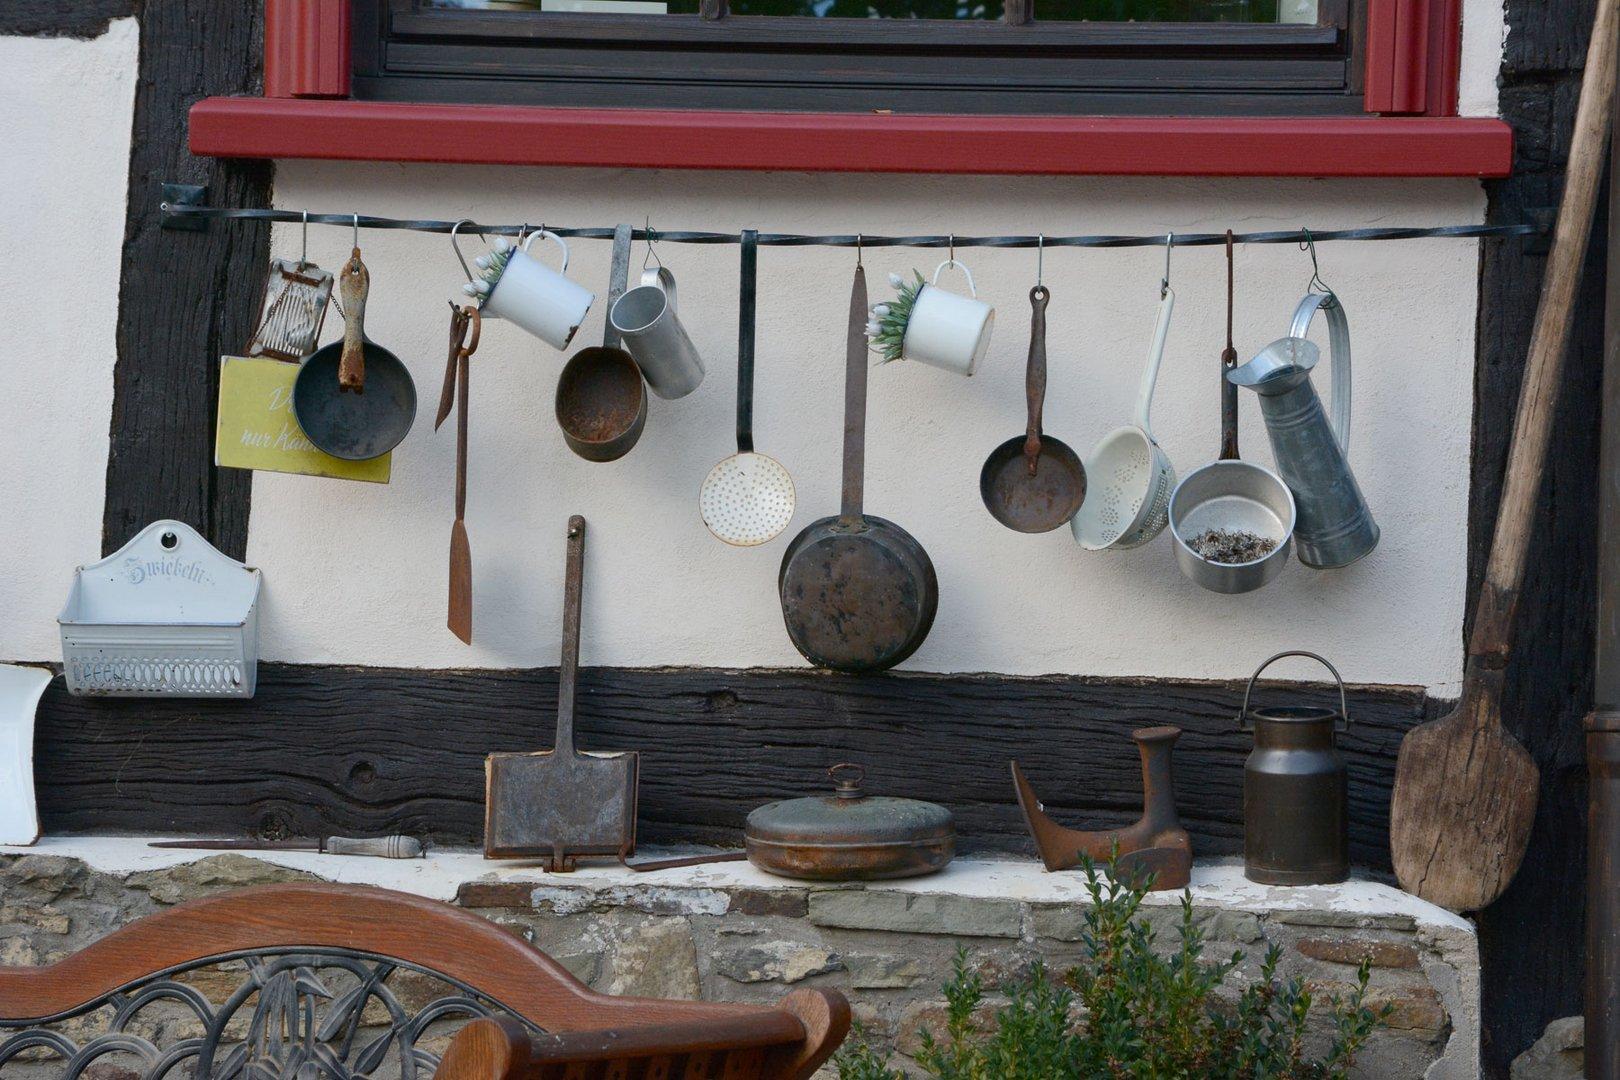 Diese alten Geräte hängen im Nachbardorf am Haus